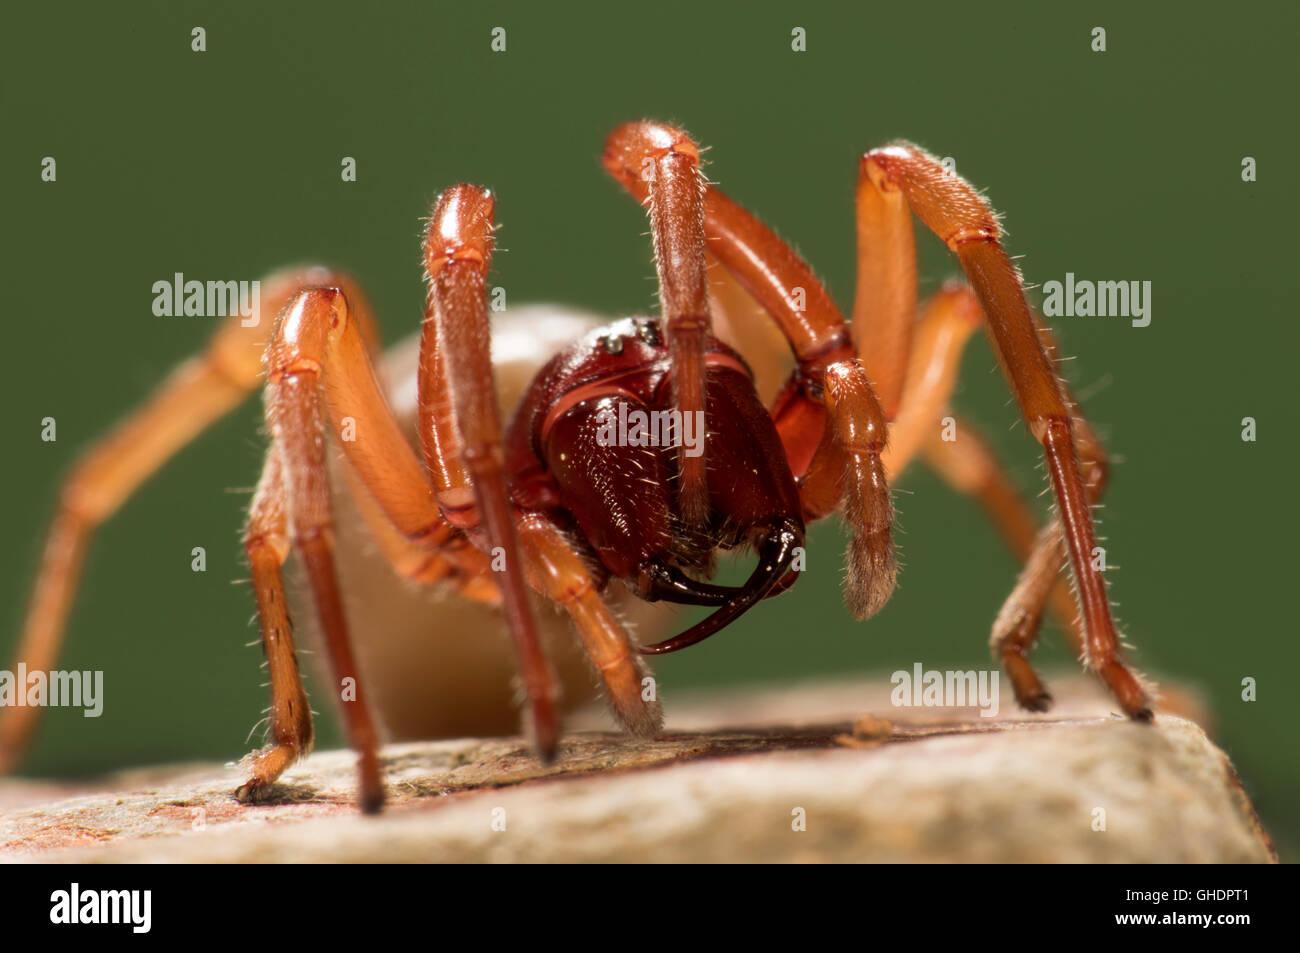 Woodlouse Spider Dysdera crocata UK - Stock Image